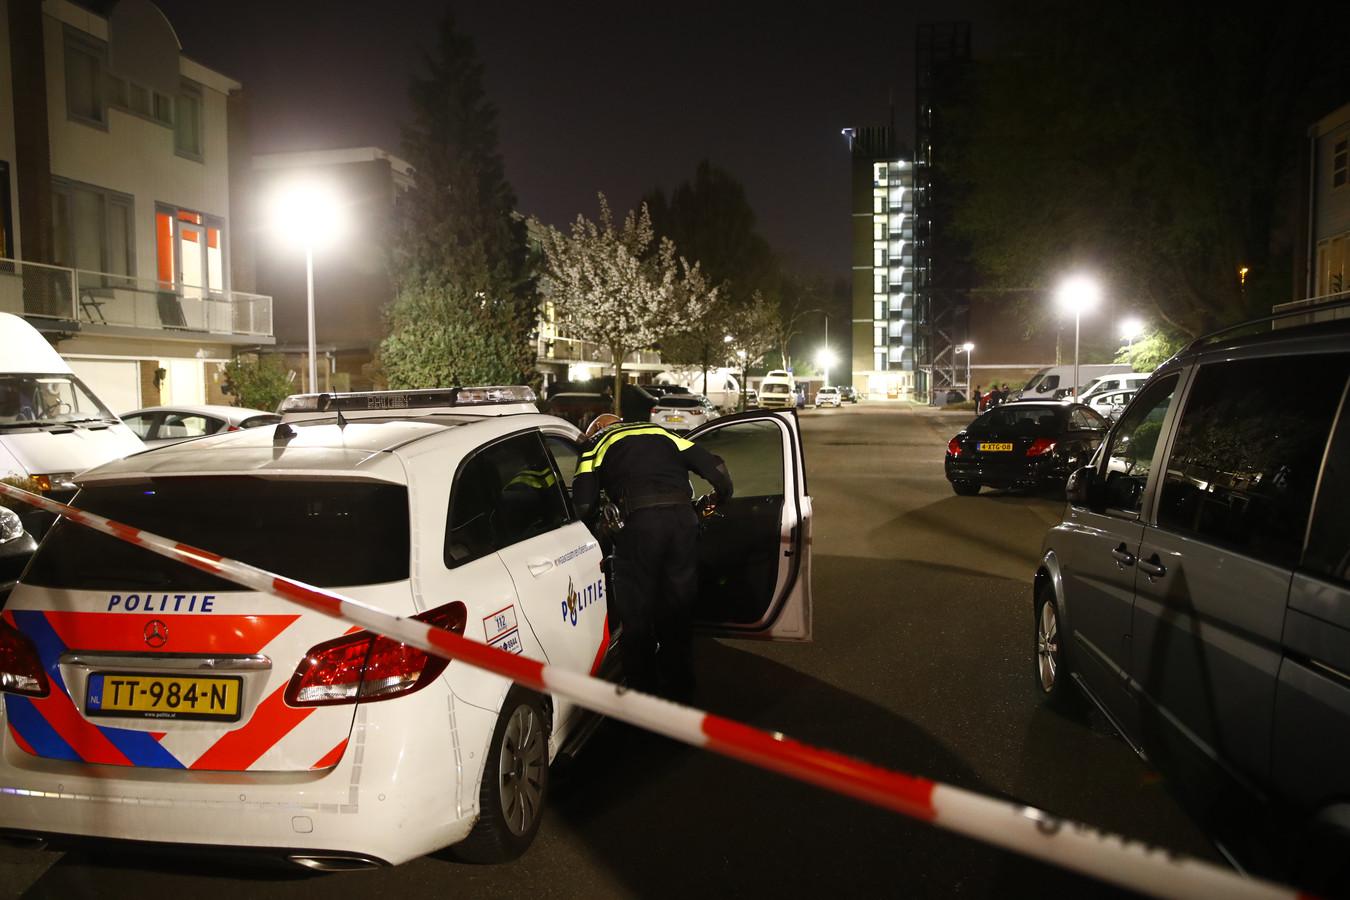 De politie zette De Alm in Zwolle af nadat een molotovcocktail tegen een woning was gegooid.